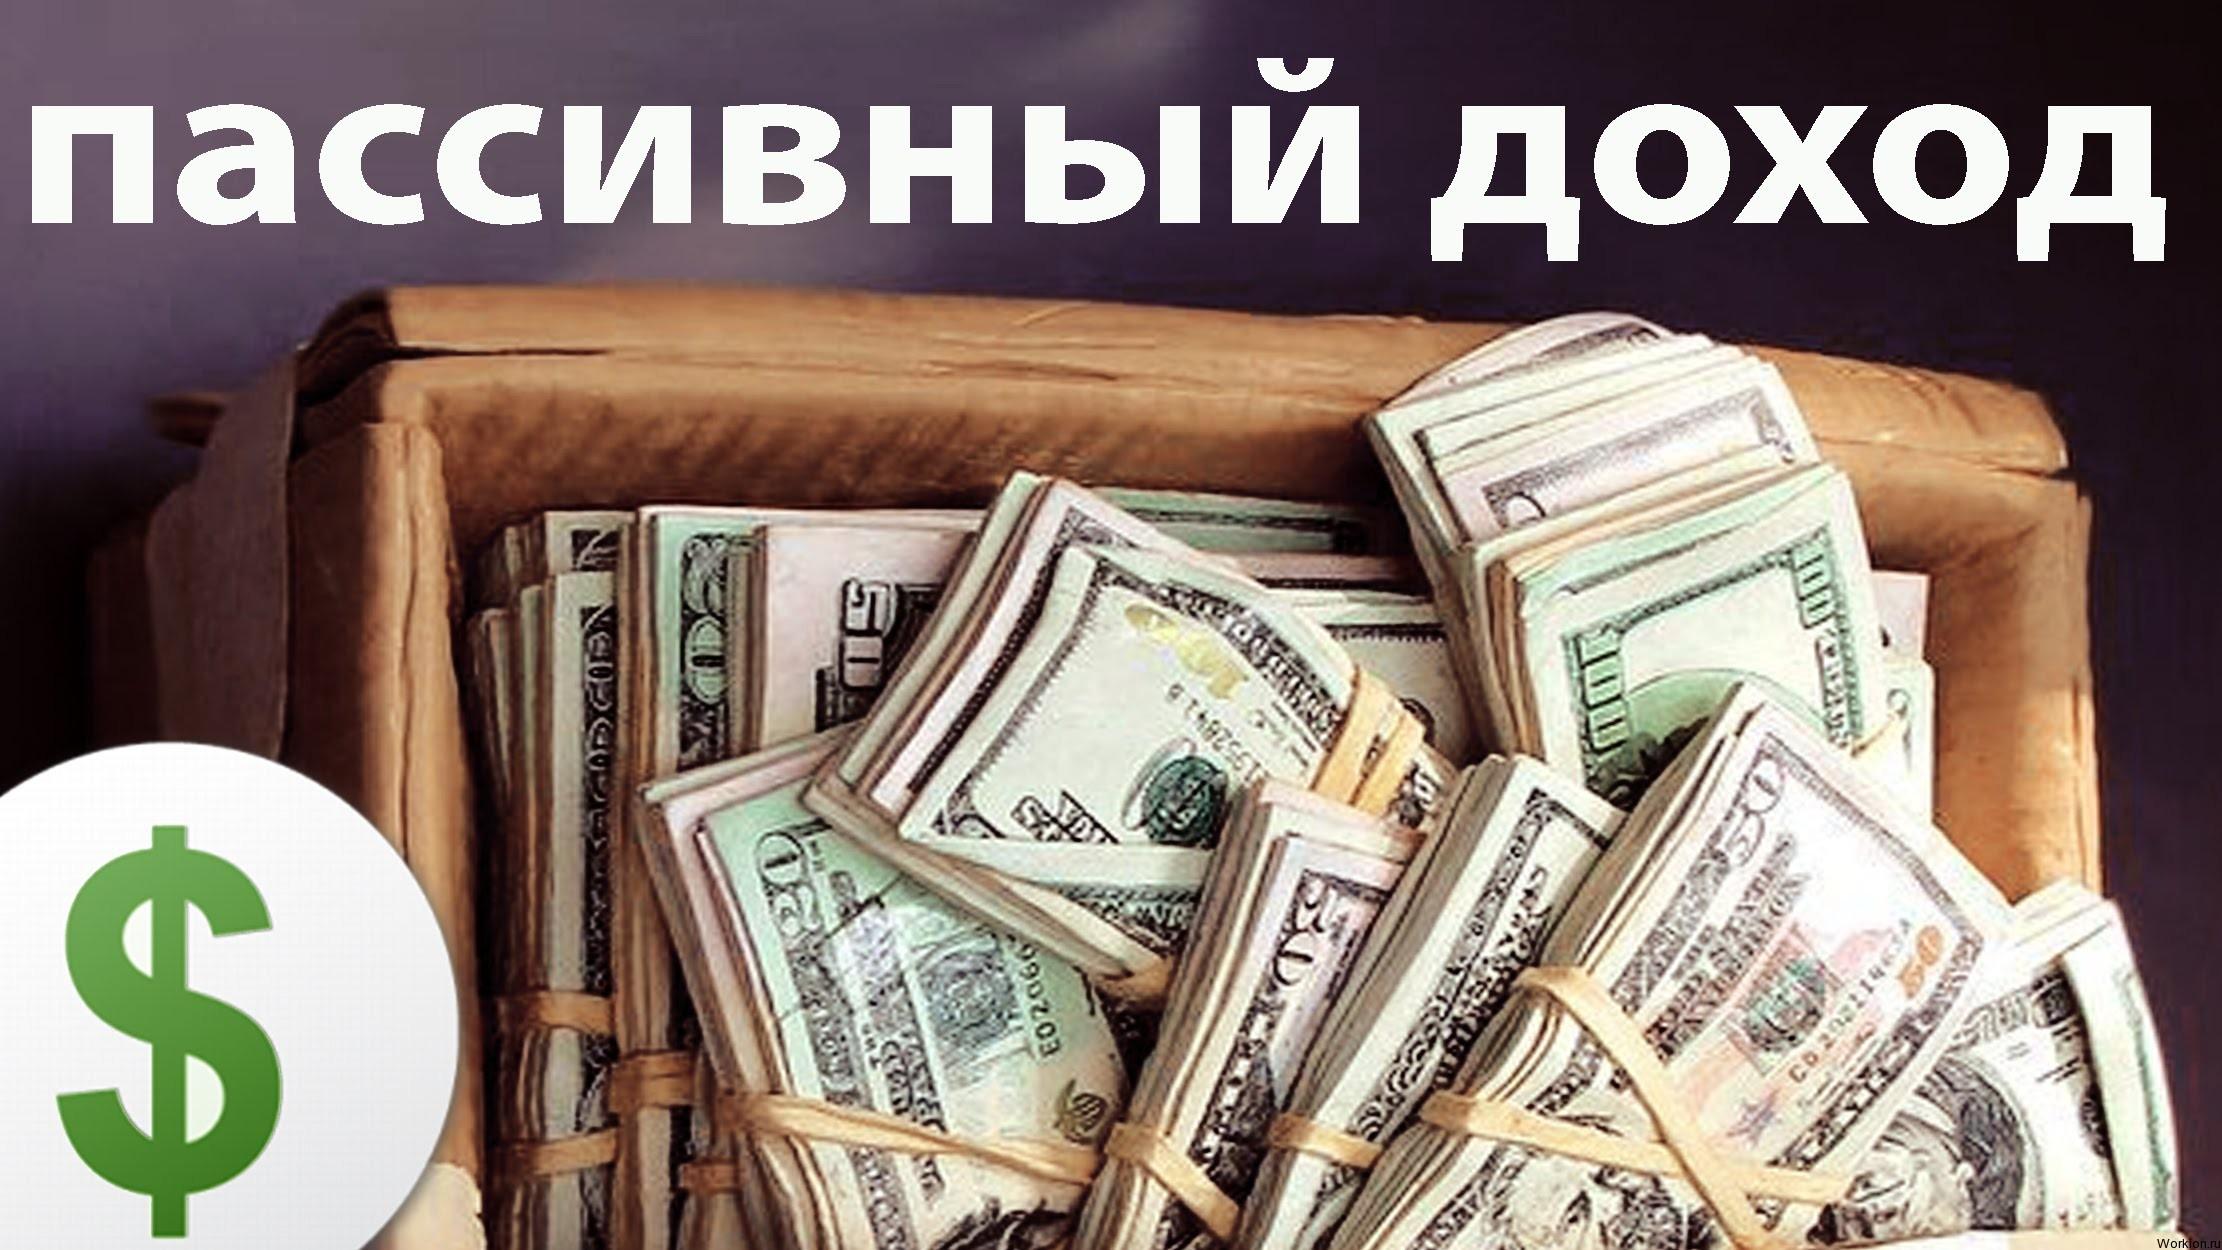 lucrați la opțiunile de internet fără investiții)